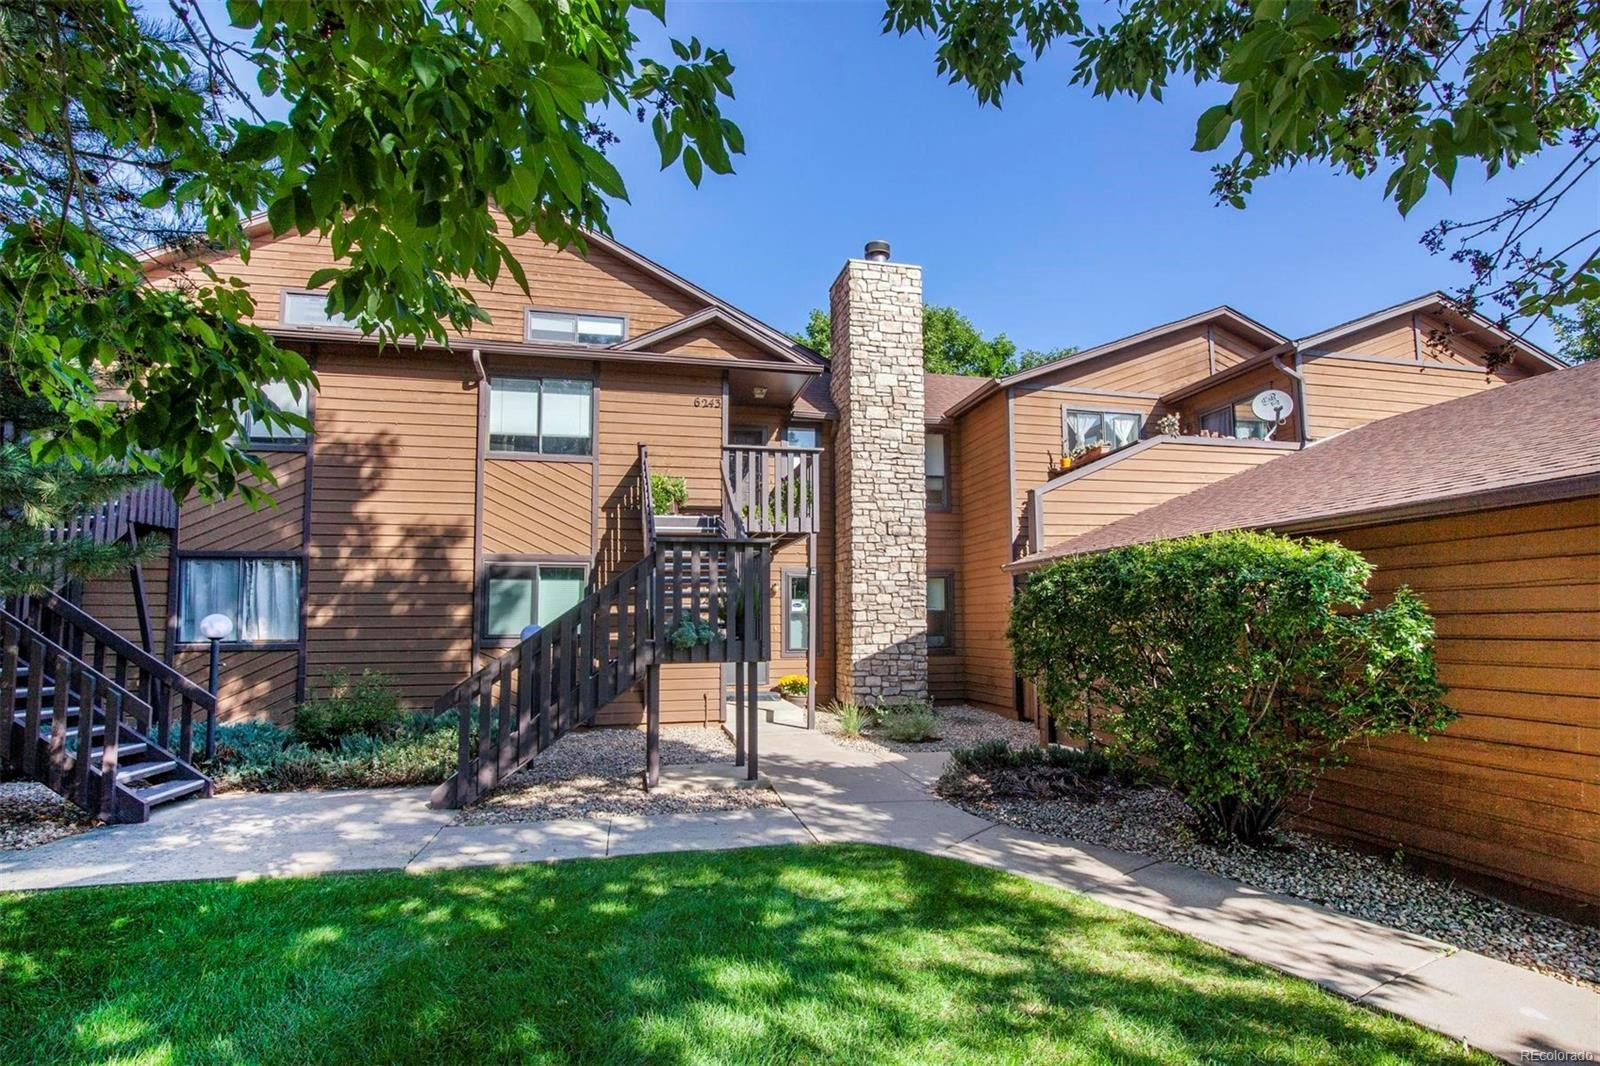 MLS# 8059473 - 2 - 6241 Willow Lane, Boulder, CO 80301